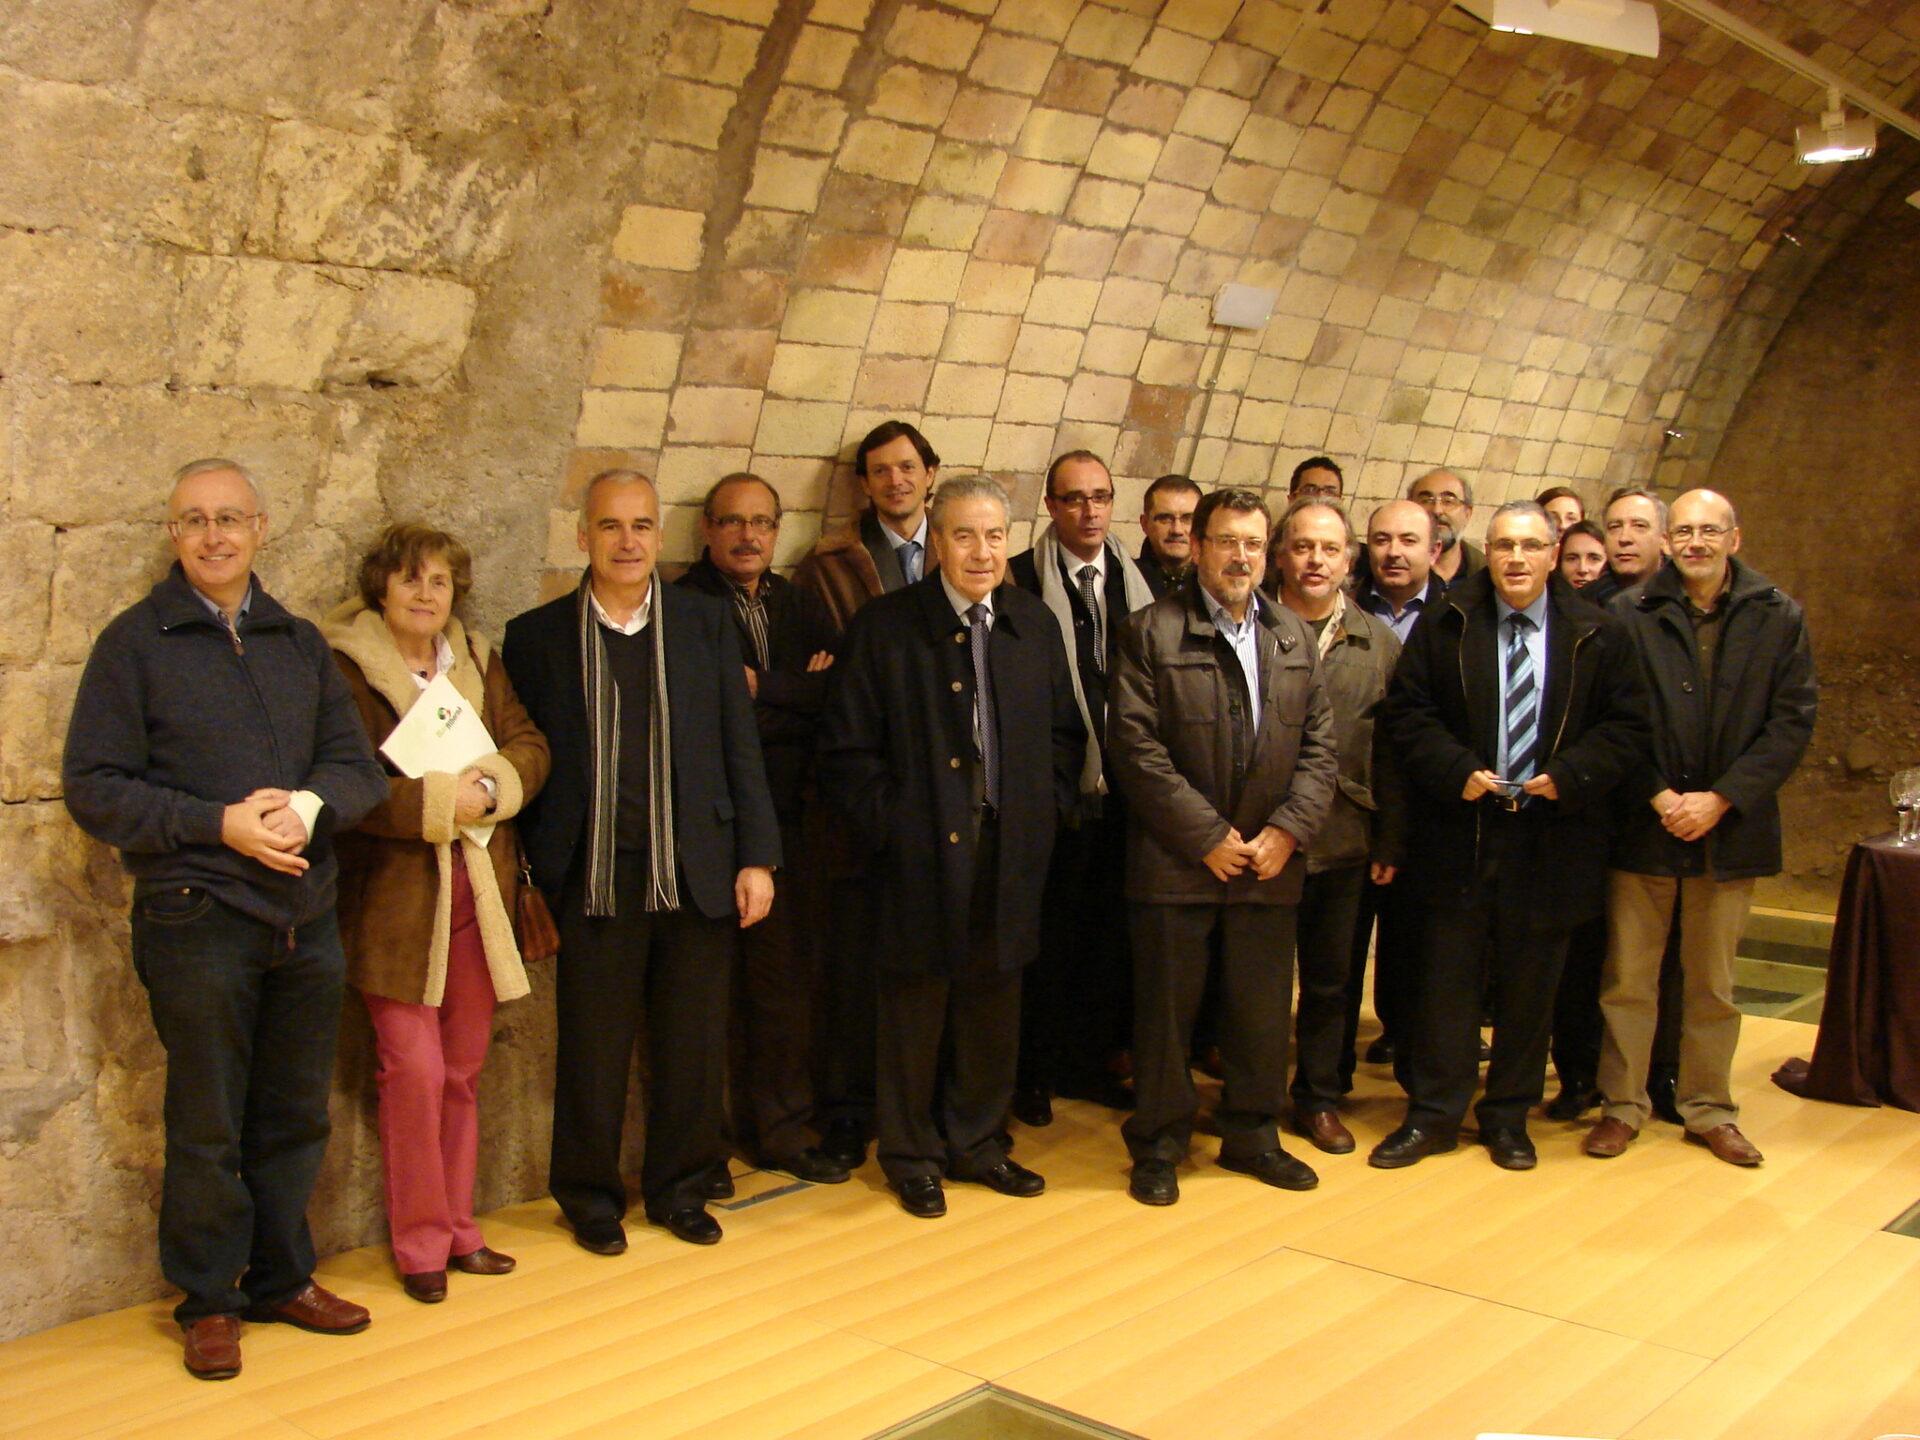 Reunió de patronat 2010